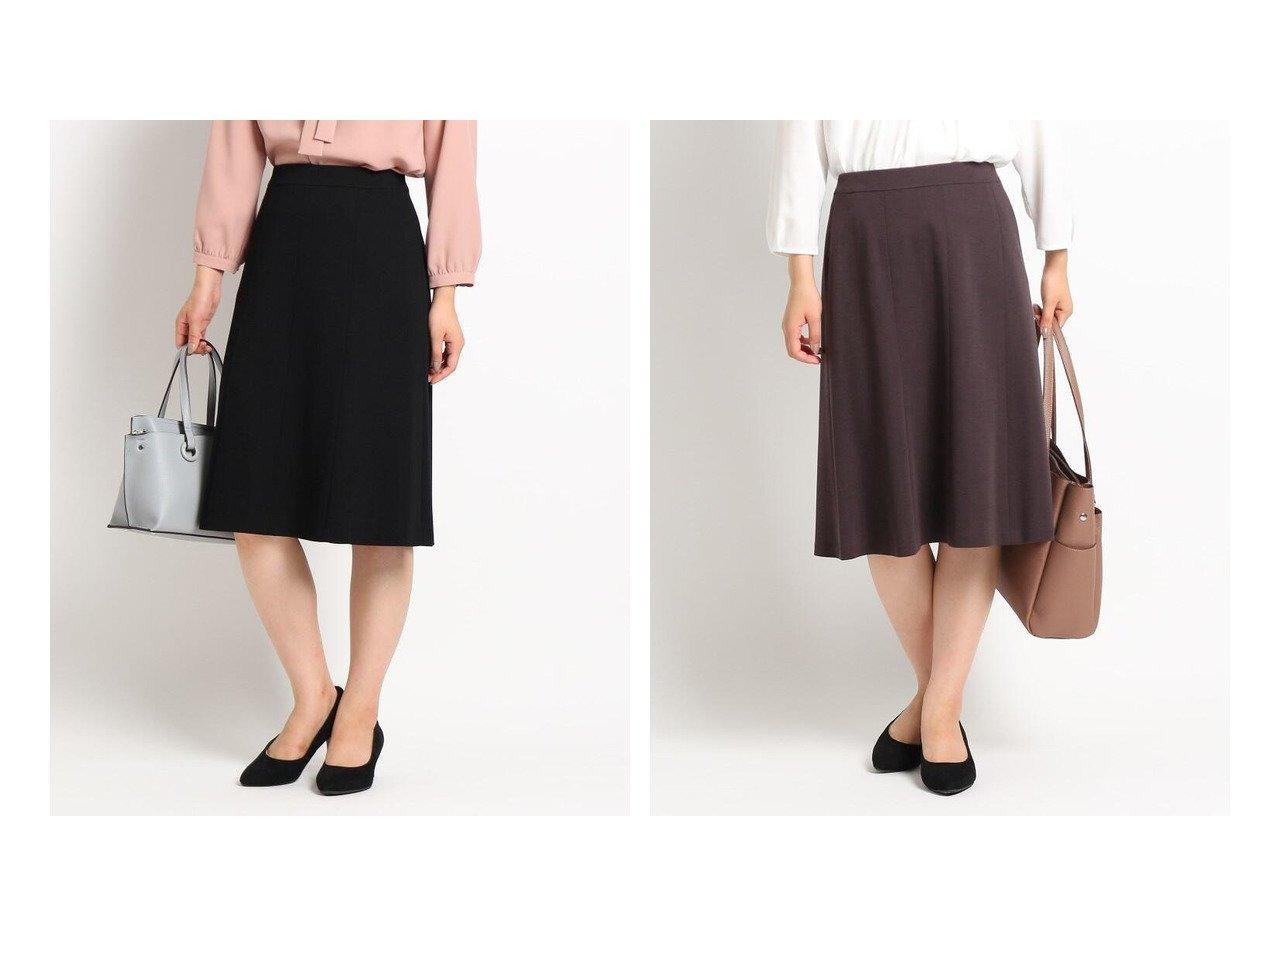 【Reflect/リフレクト】の【洗える/匠シリーズ】ソフトフレアスカート スカートのおすすめ!人気、レディースファッションの通販 おすすめで人気のファッション通販商品 インテリア・家具・キッズファッション・メンズファッション・レディースファッション・服の通販 founy(ファニー) https://founy.com/ ファッション Fashion レディース WOMEN スカート Skirt Aライン/フレアスカート Flared A-Line Skirts ウォッシャブル ジャケット セットアップ マーメイド |ID:crp329100000002190